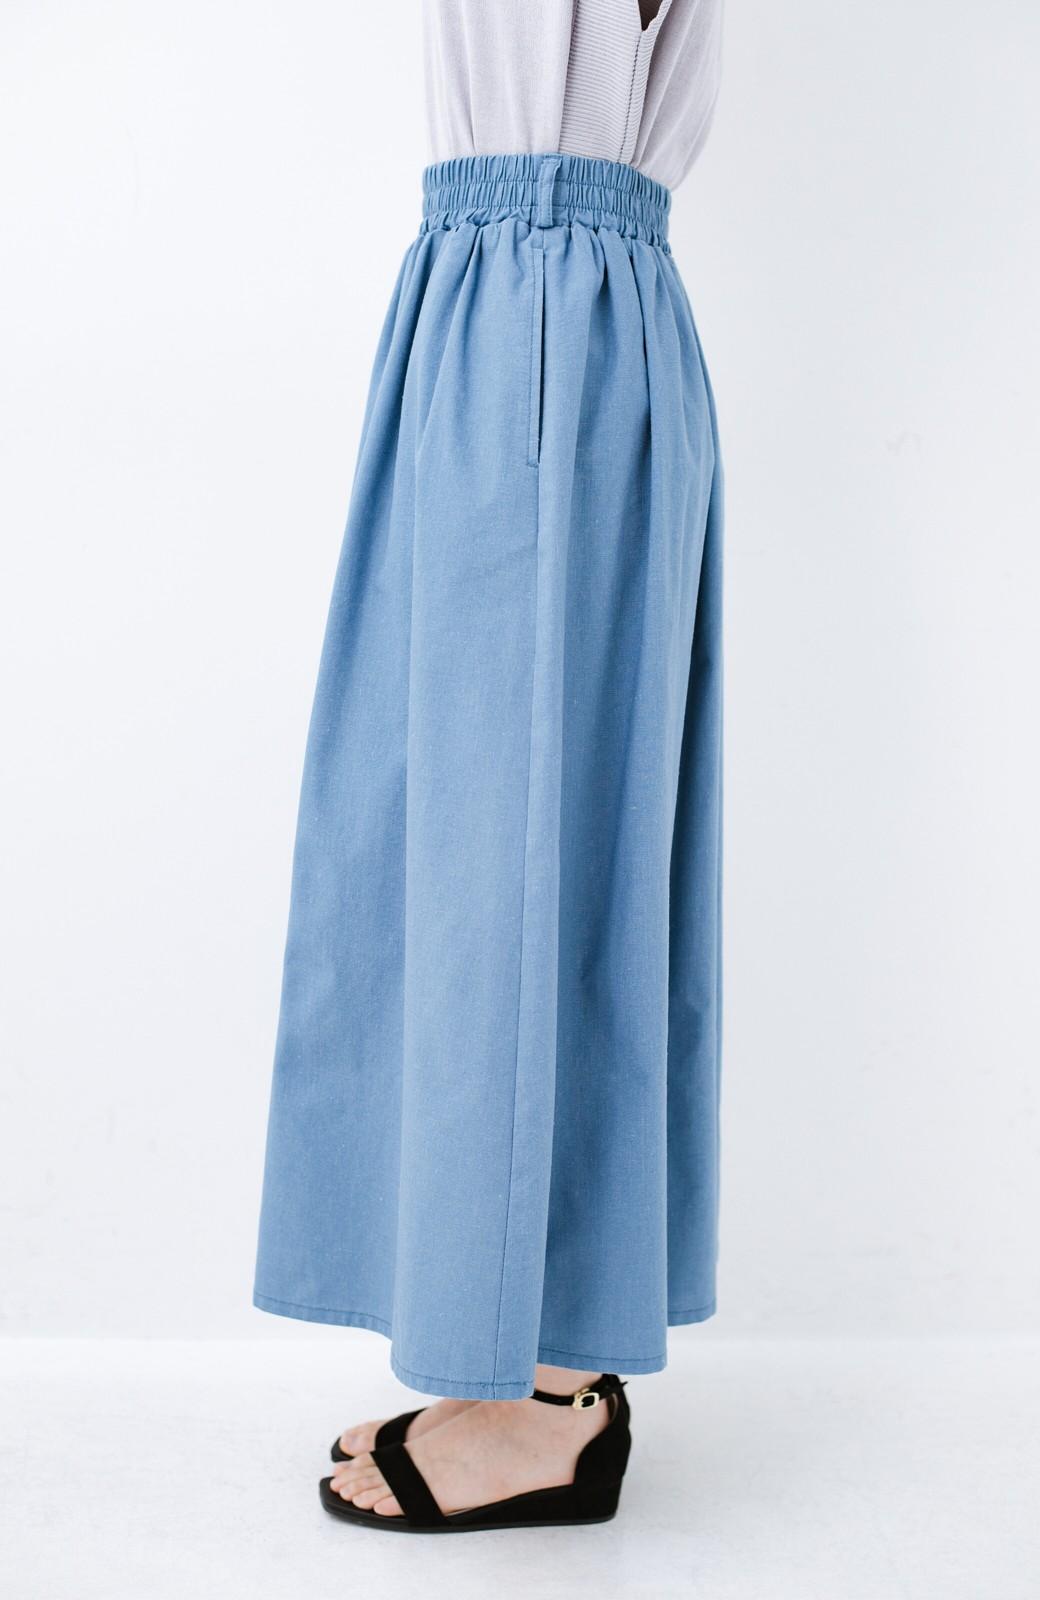 haco! 楽してスタイルが決まる 涼やか麻混スカート <ライトブルー>の商品写真4